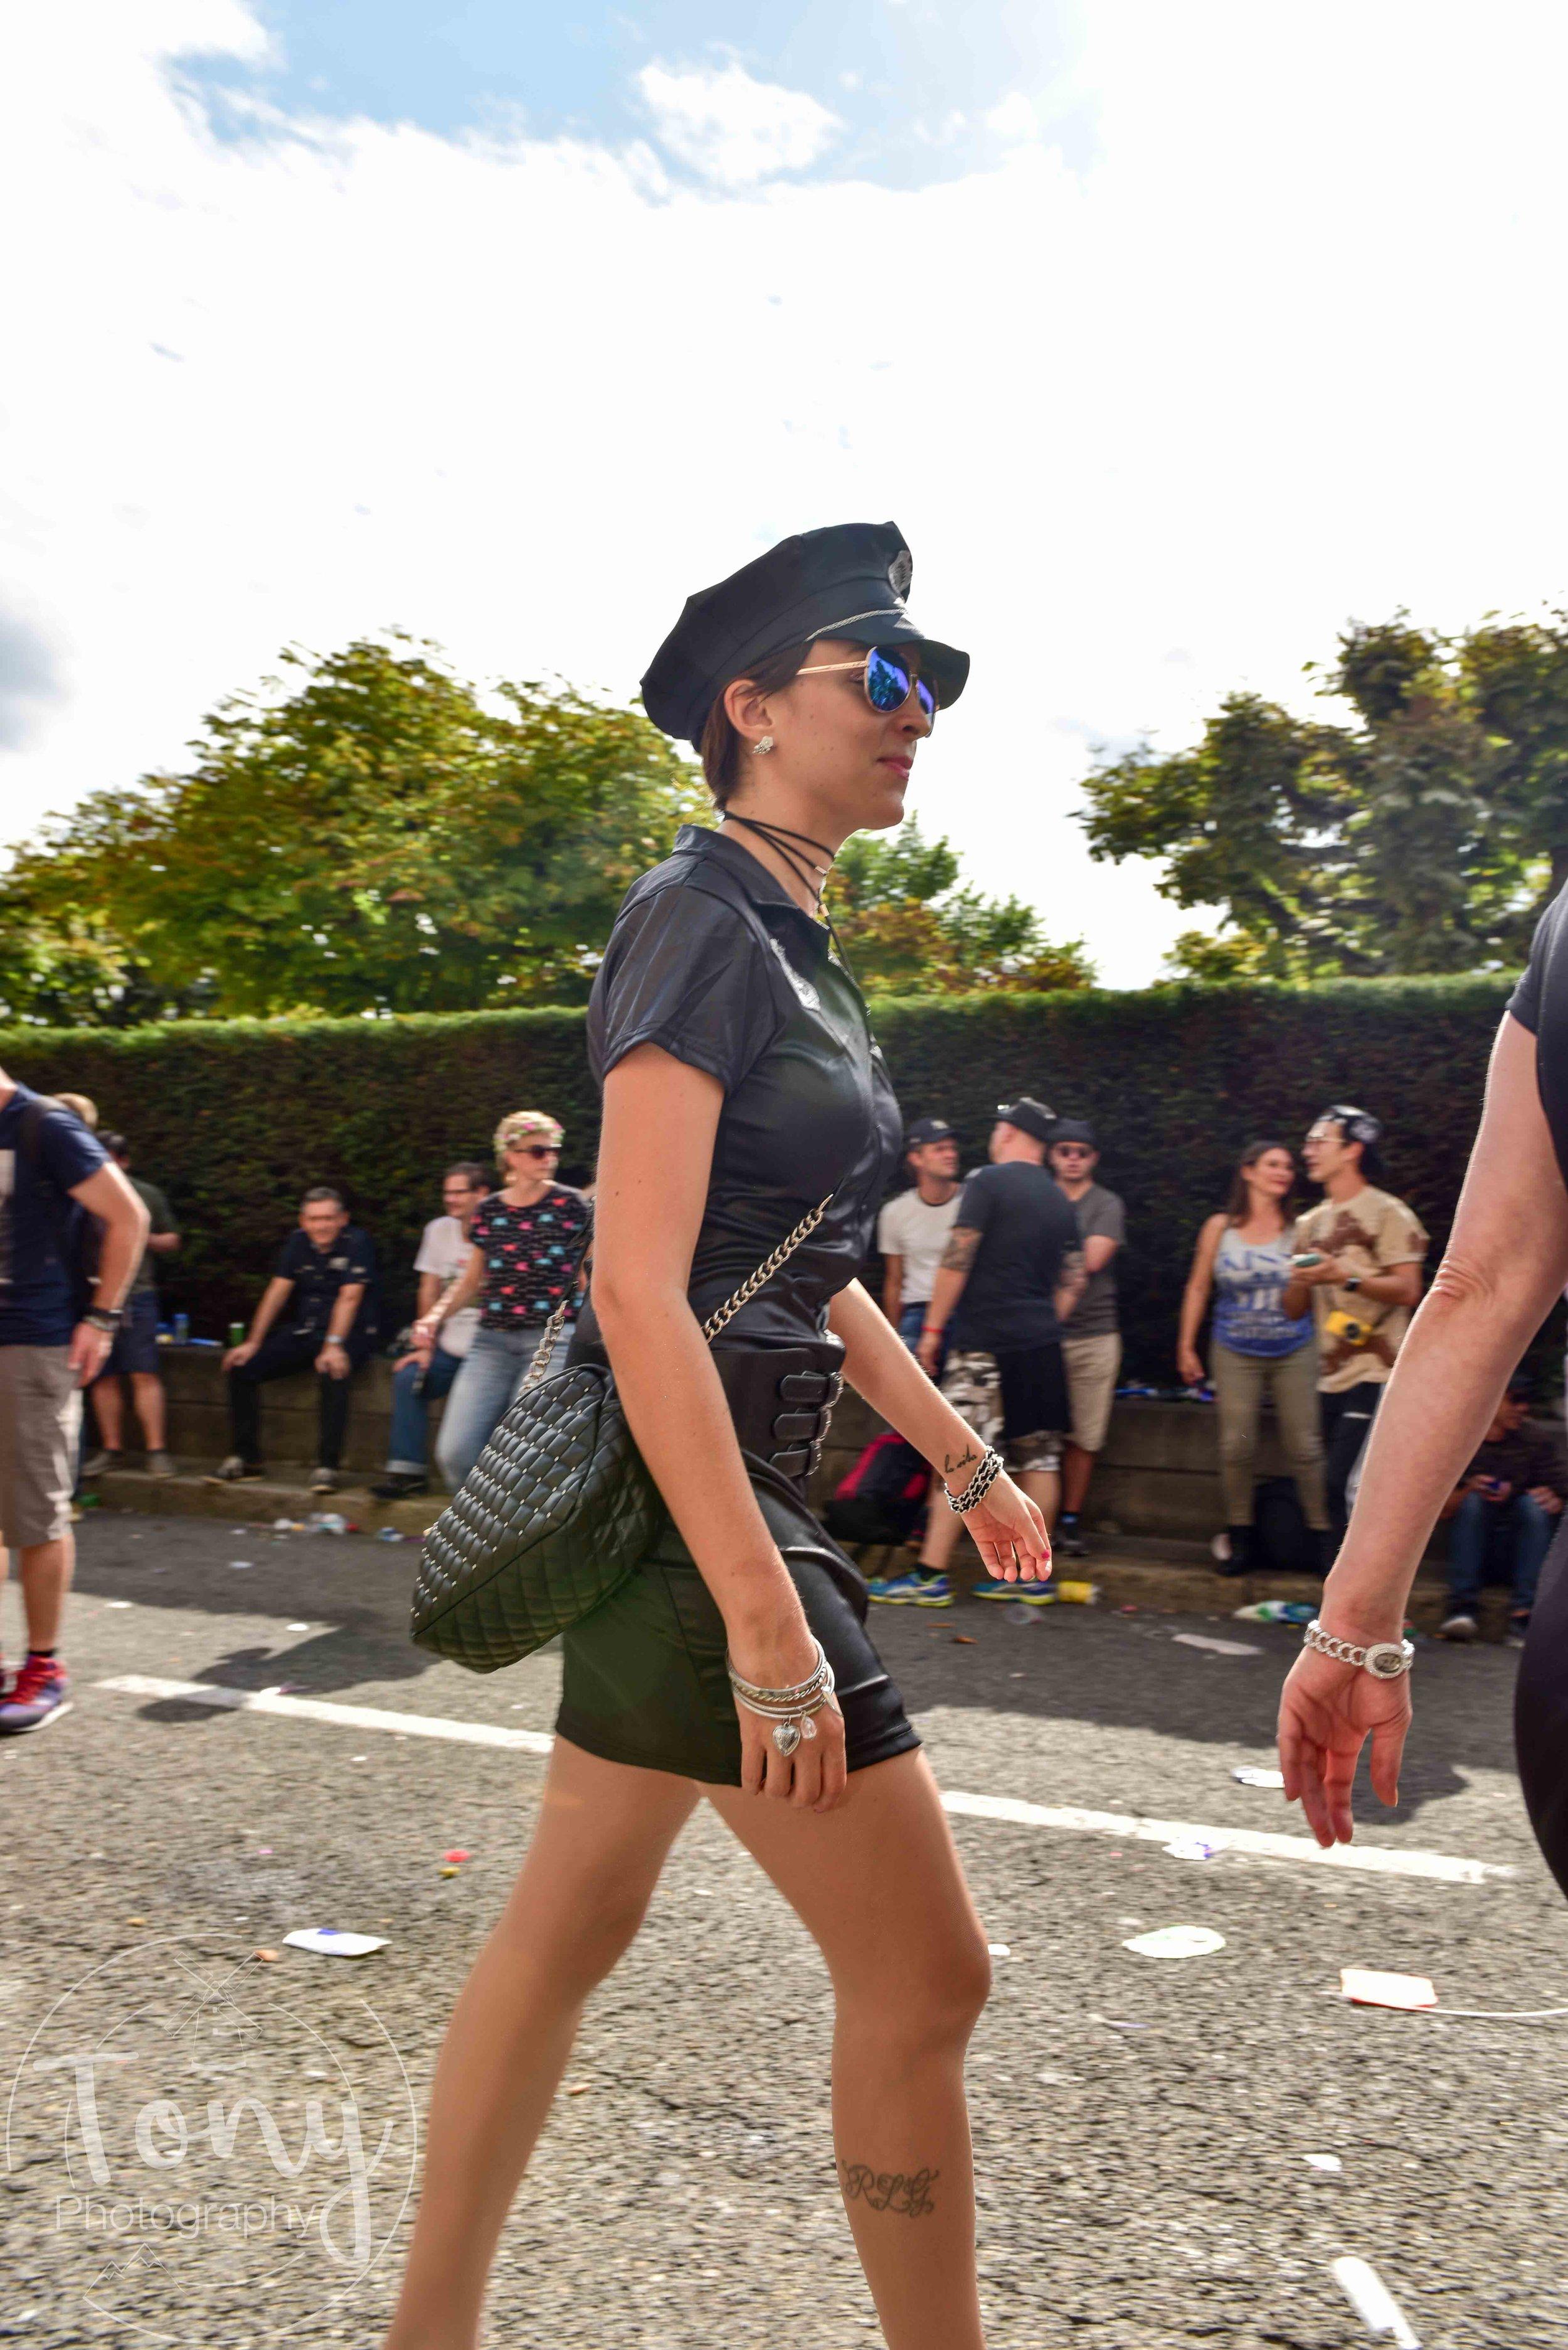 streetparade-172.jpg